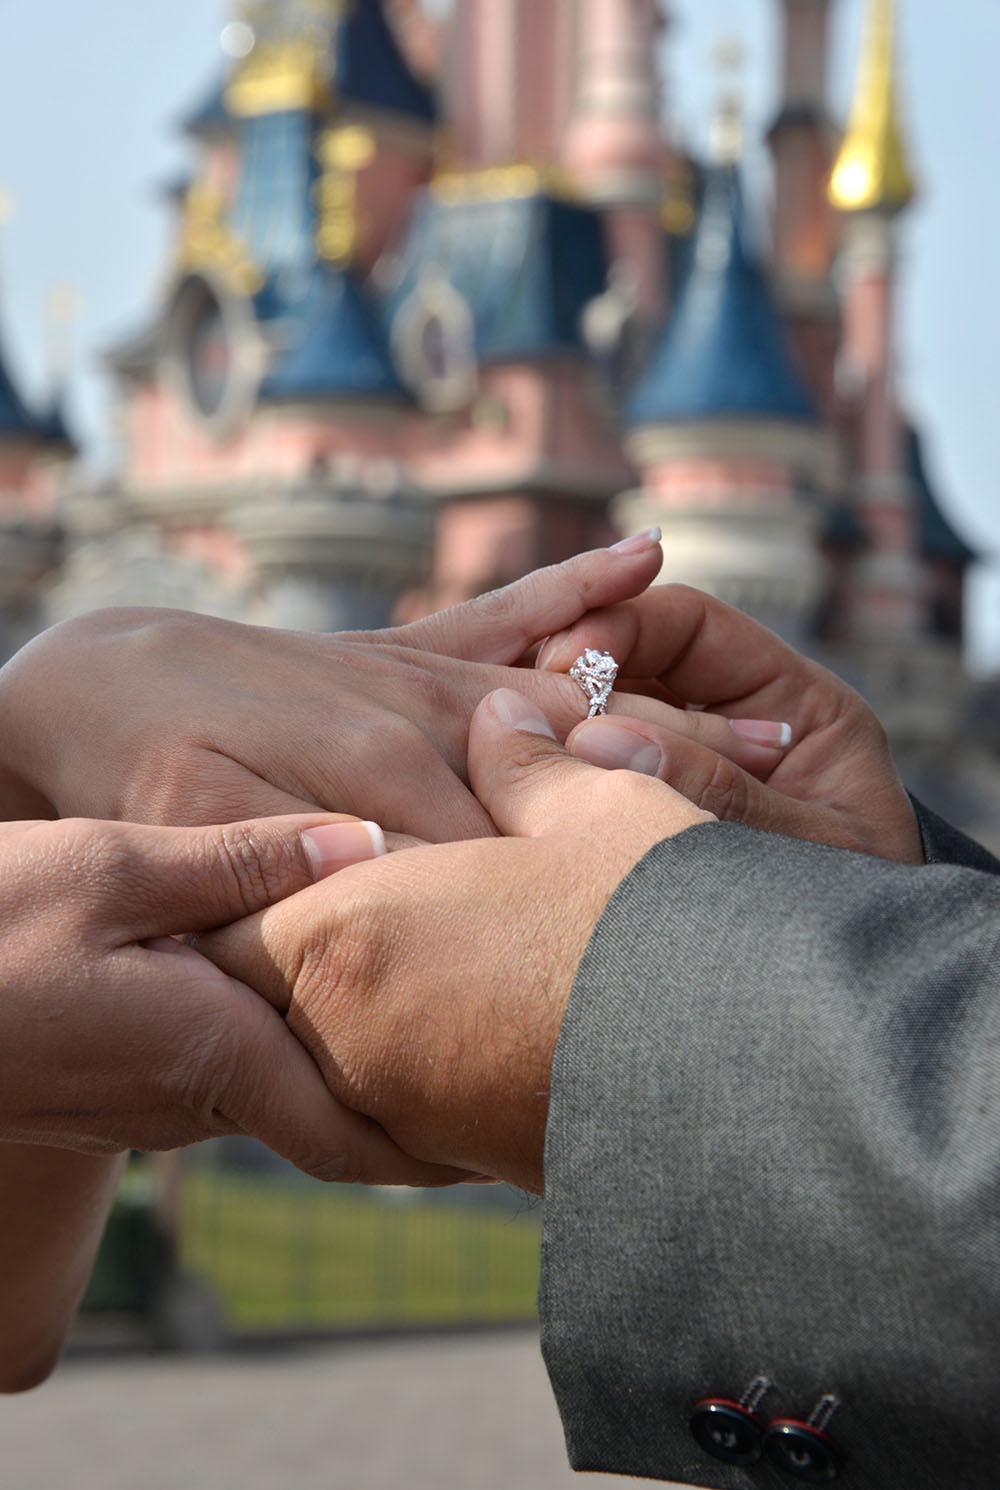 Remise de bague de fiancailles a Disneyworld, Paris